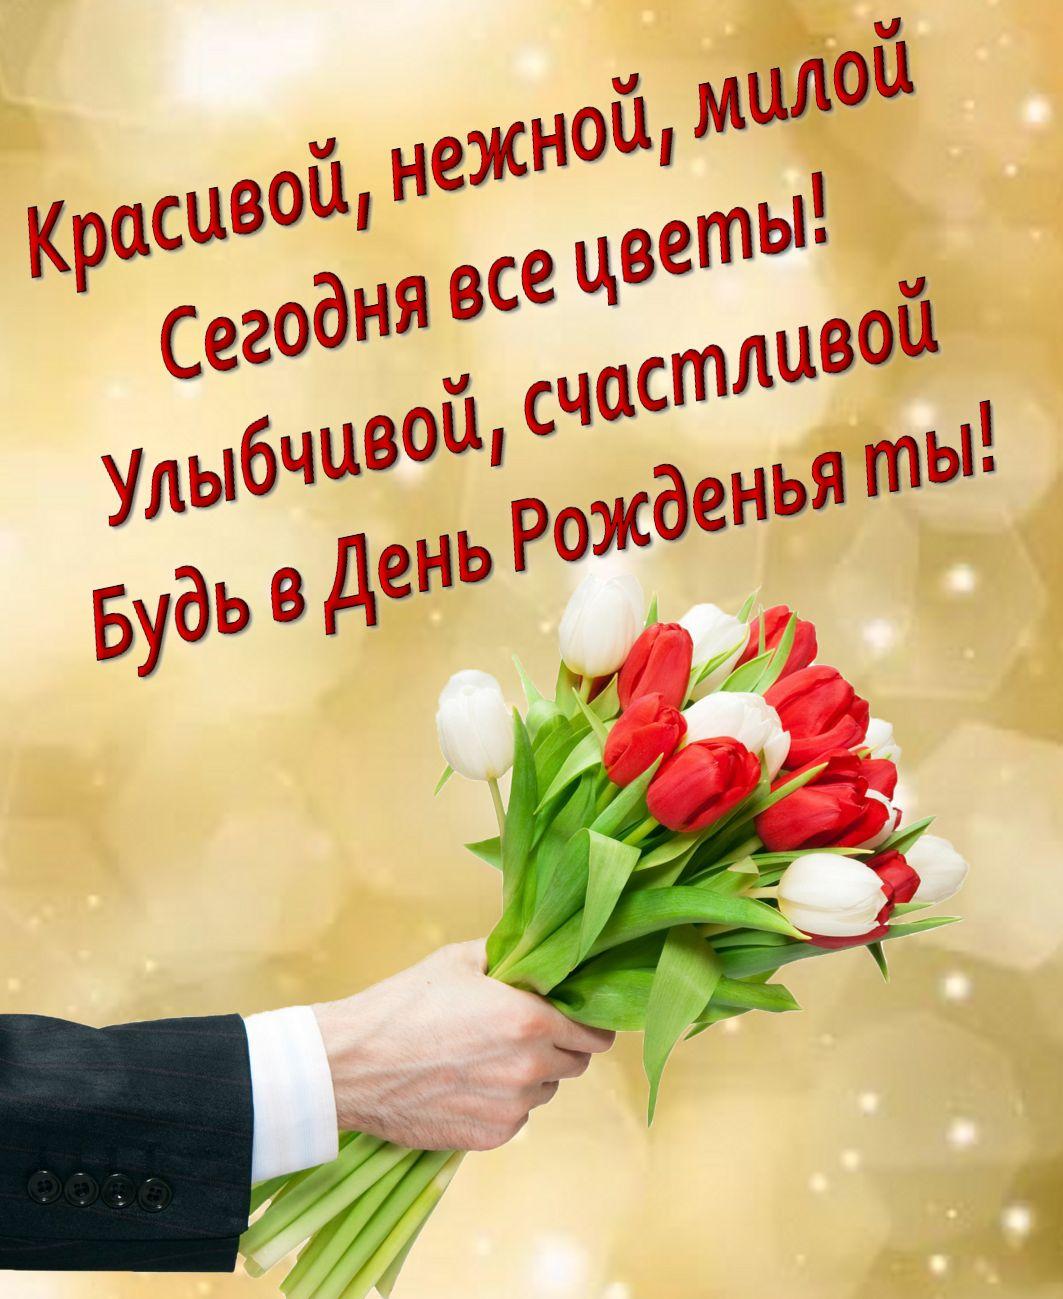 открытка - поздравление и букет тюльпанов в руке